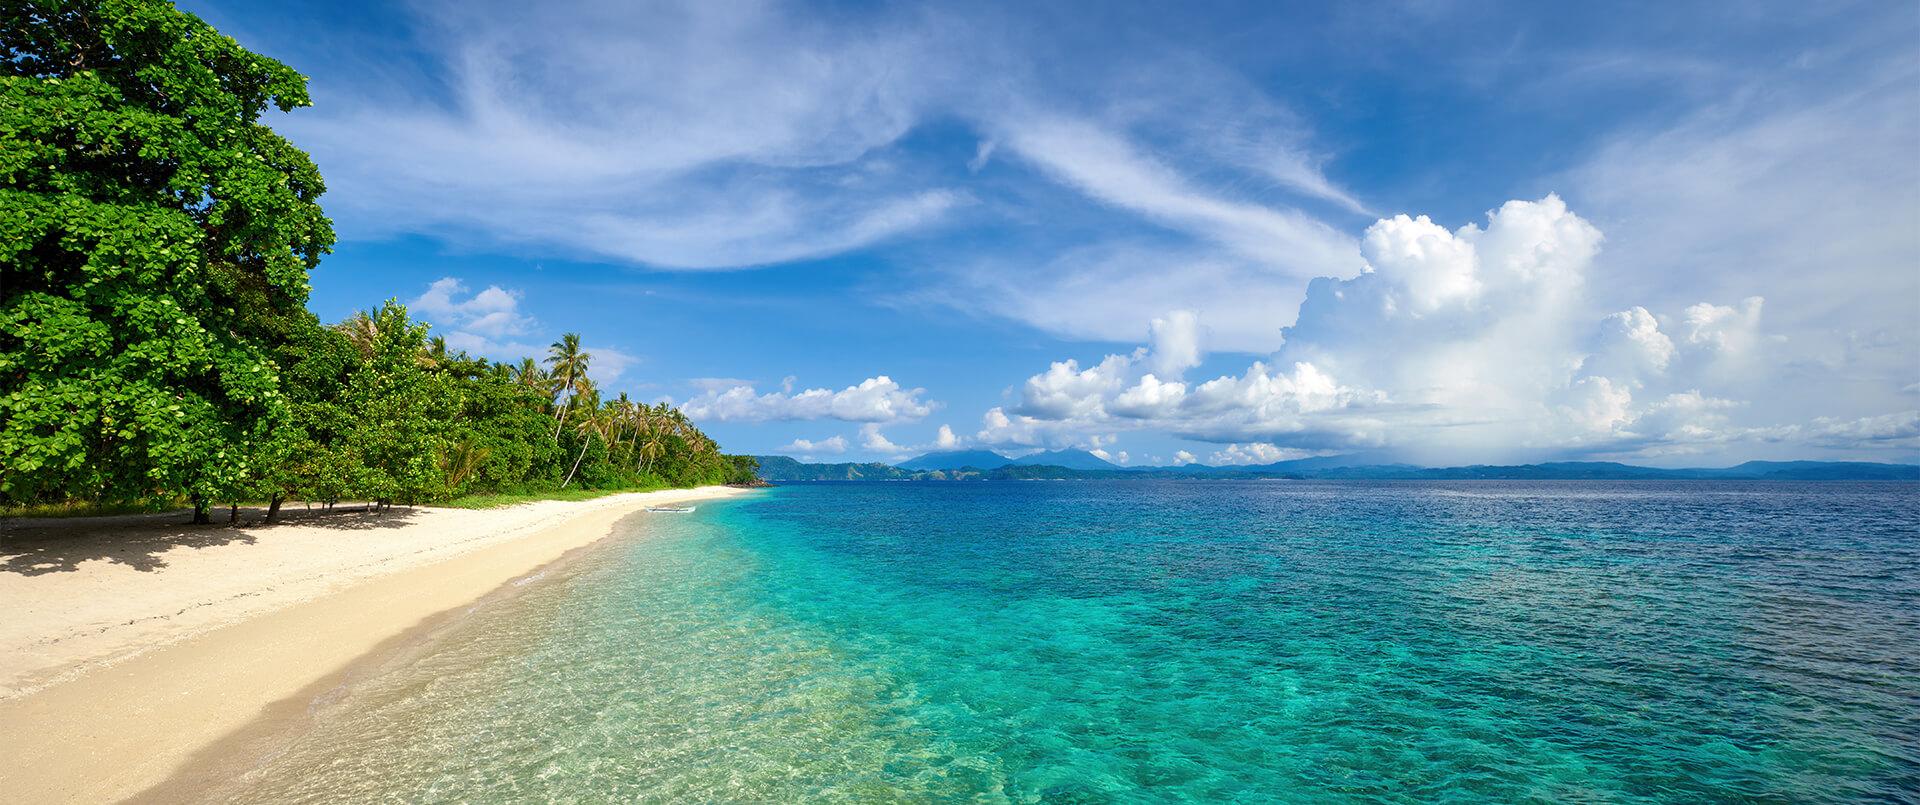 Ultimate Sulawesi